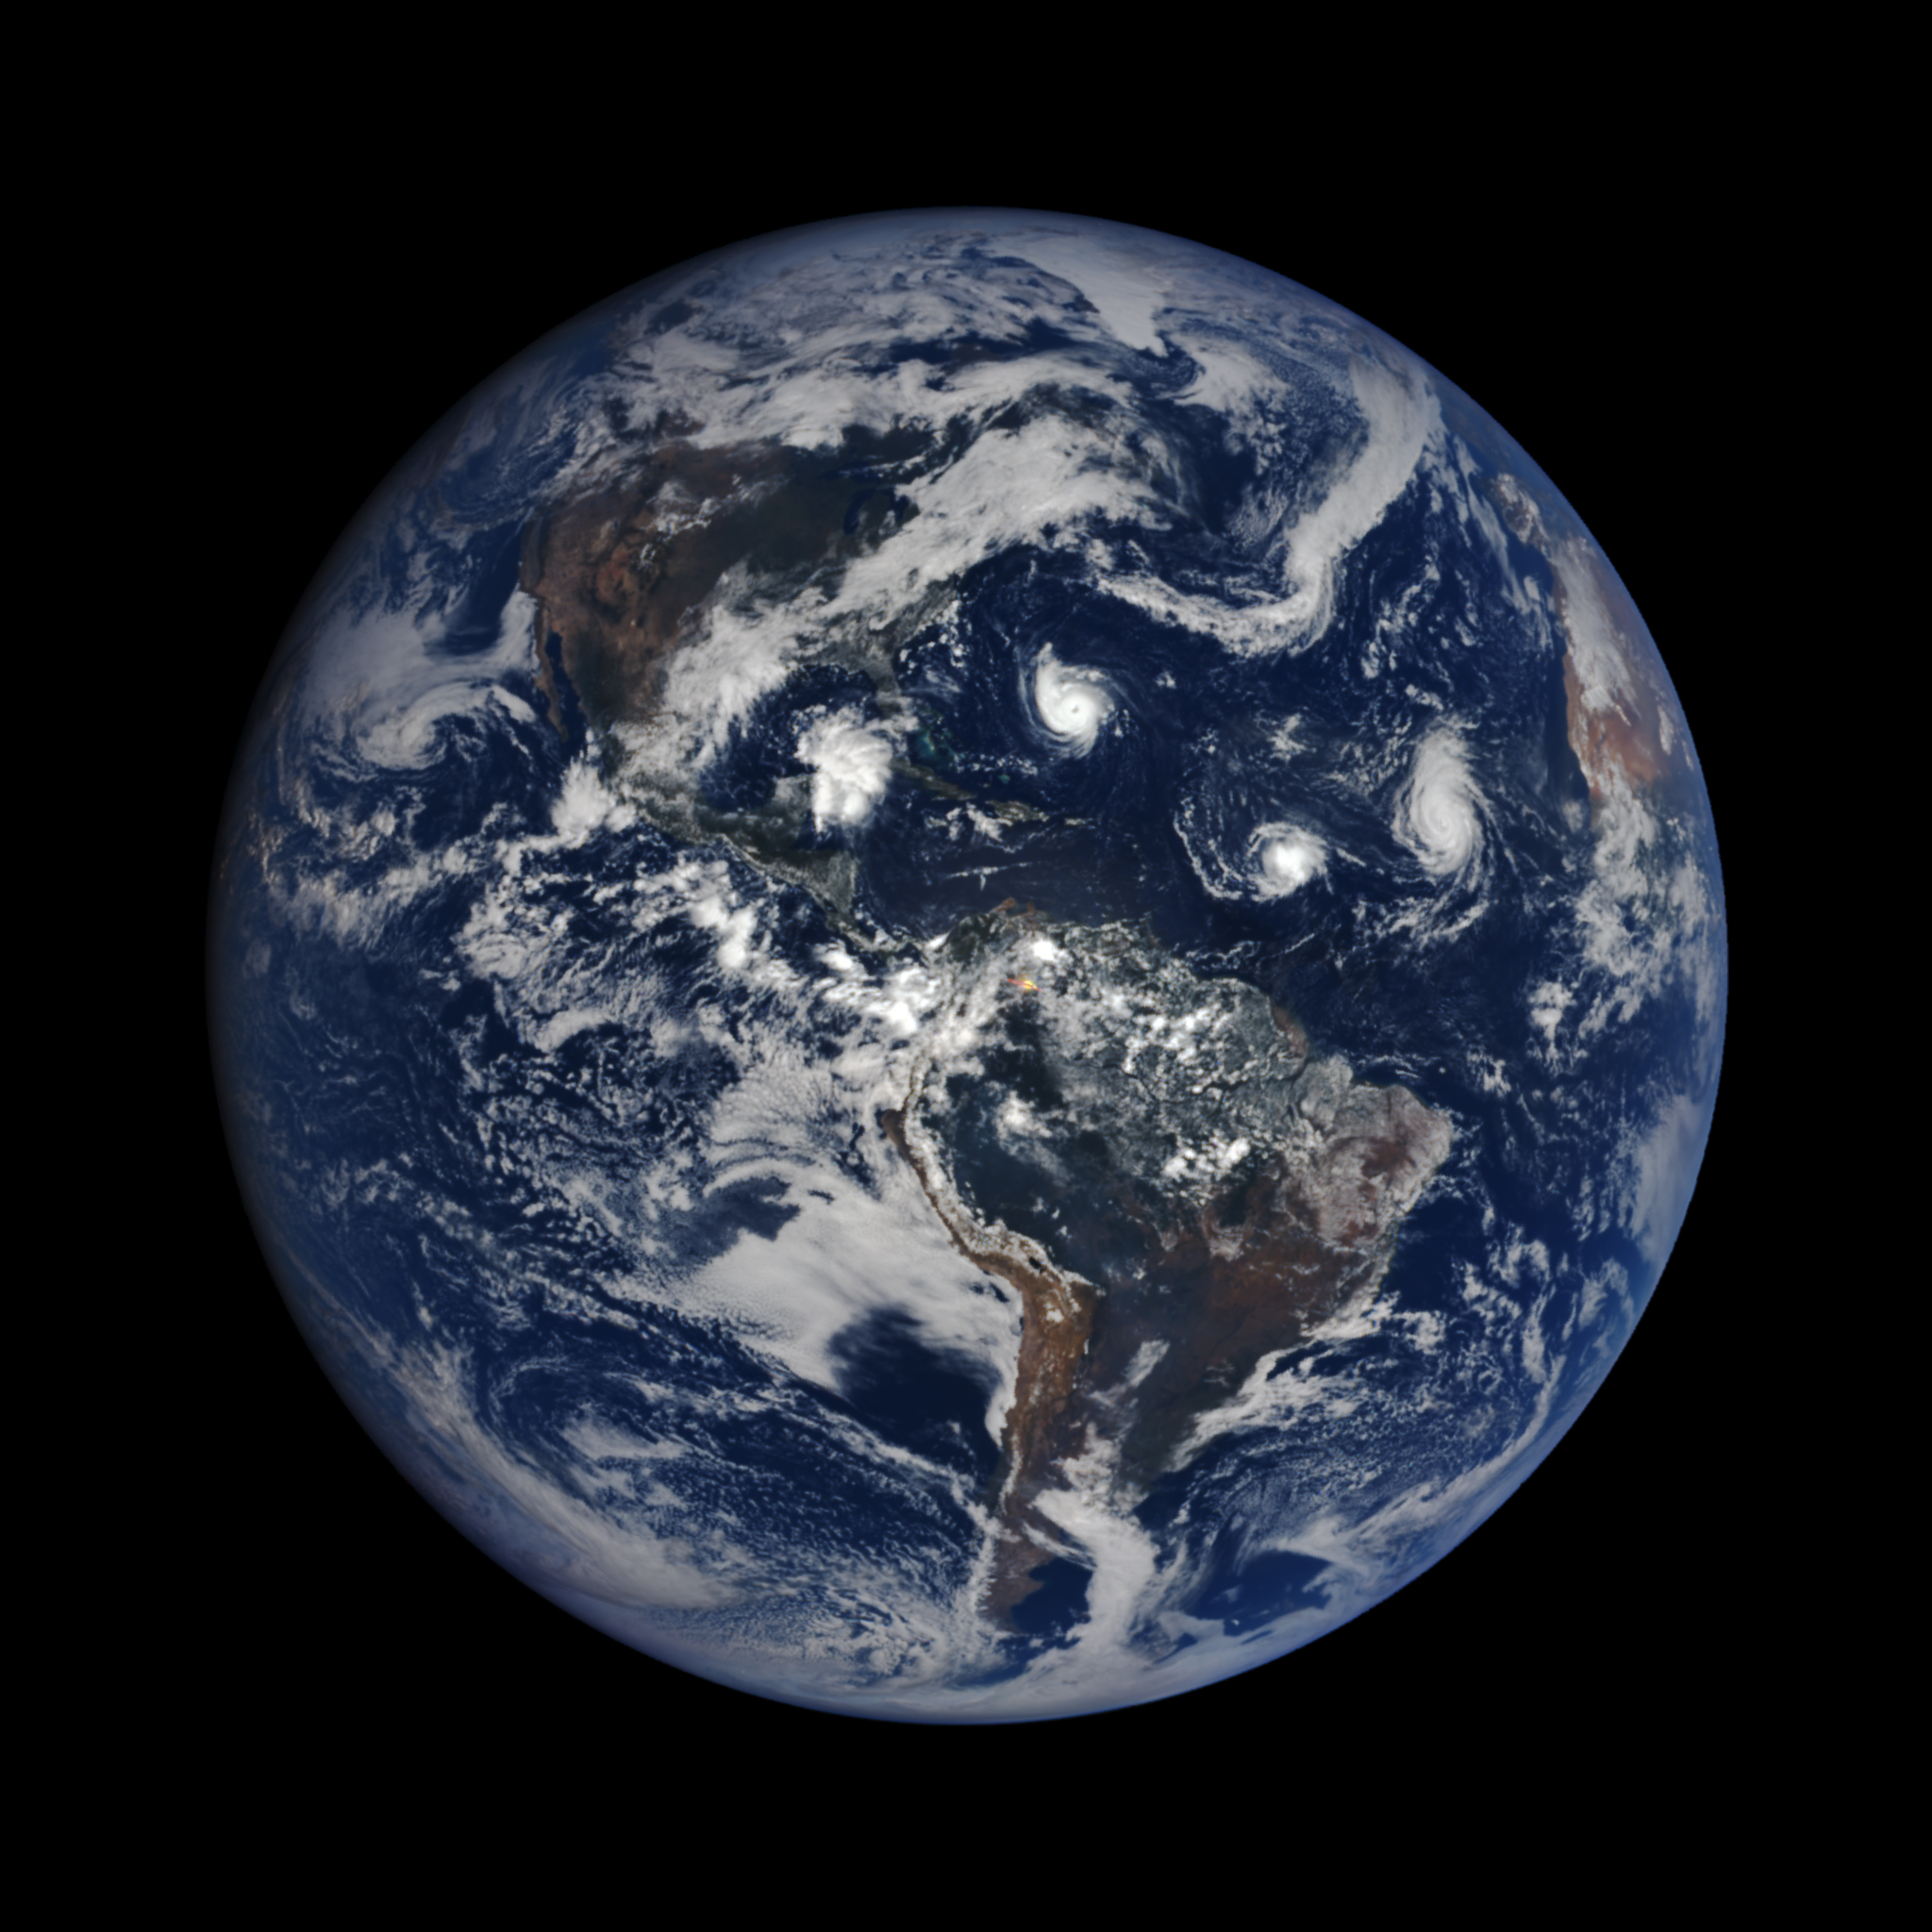 File:Earth on September 11, 2018 jpg - Wikimedia Commons